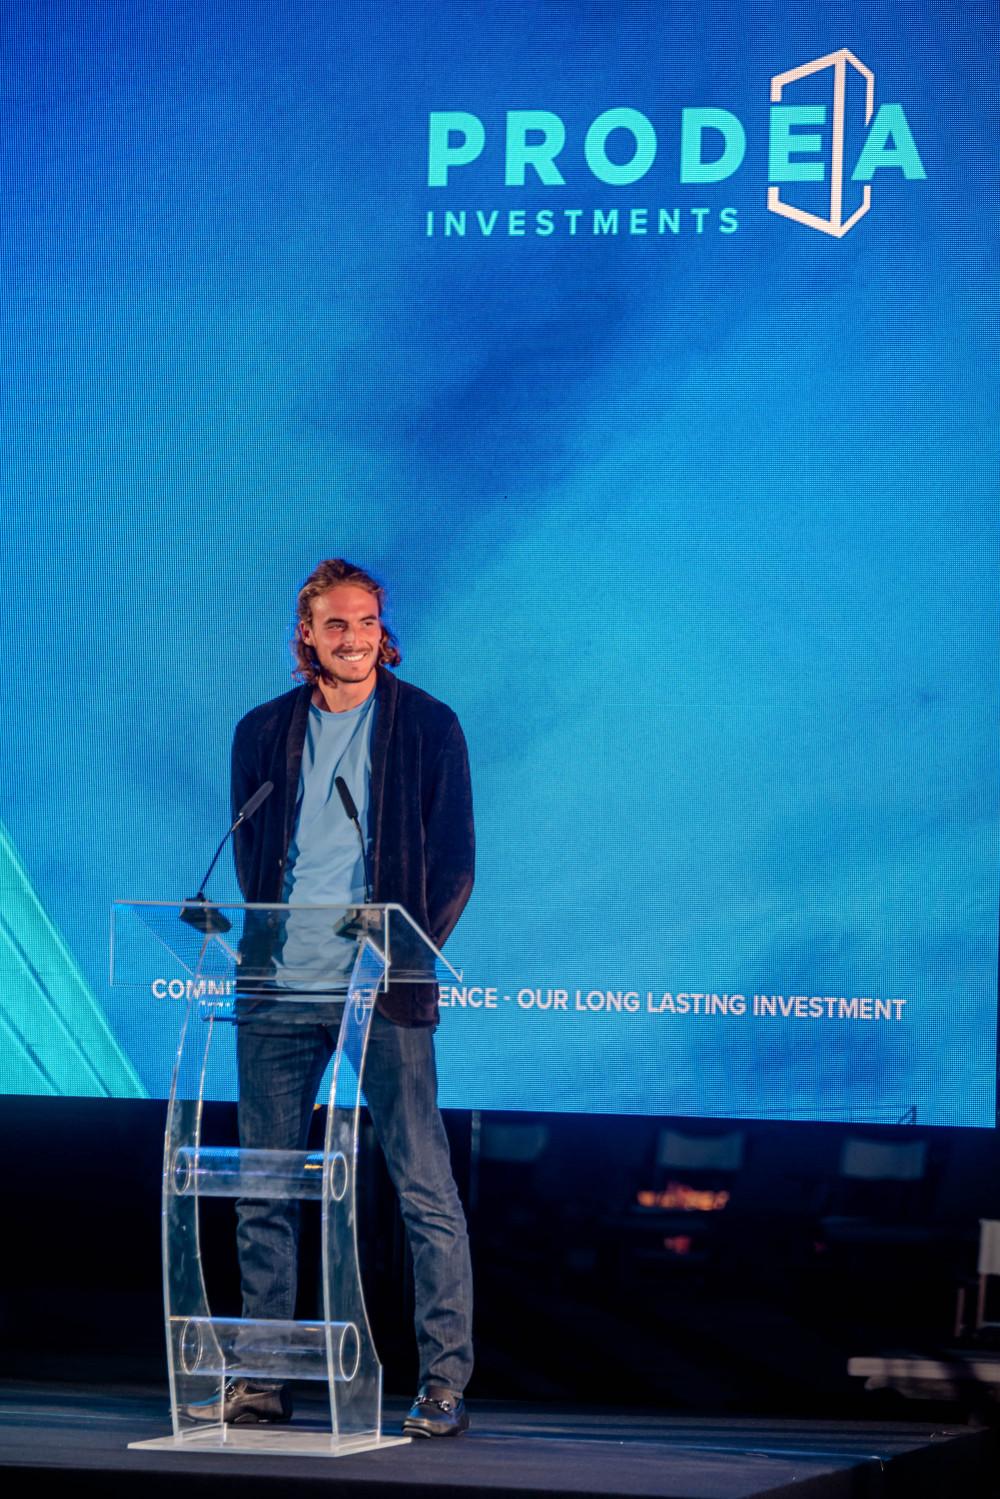 Ο Στέφανος Τσιτσιπάς στο βήμα εκδήλωσης για την Prodea